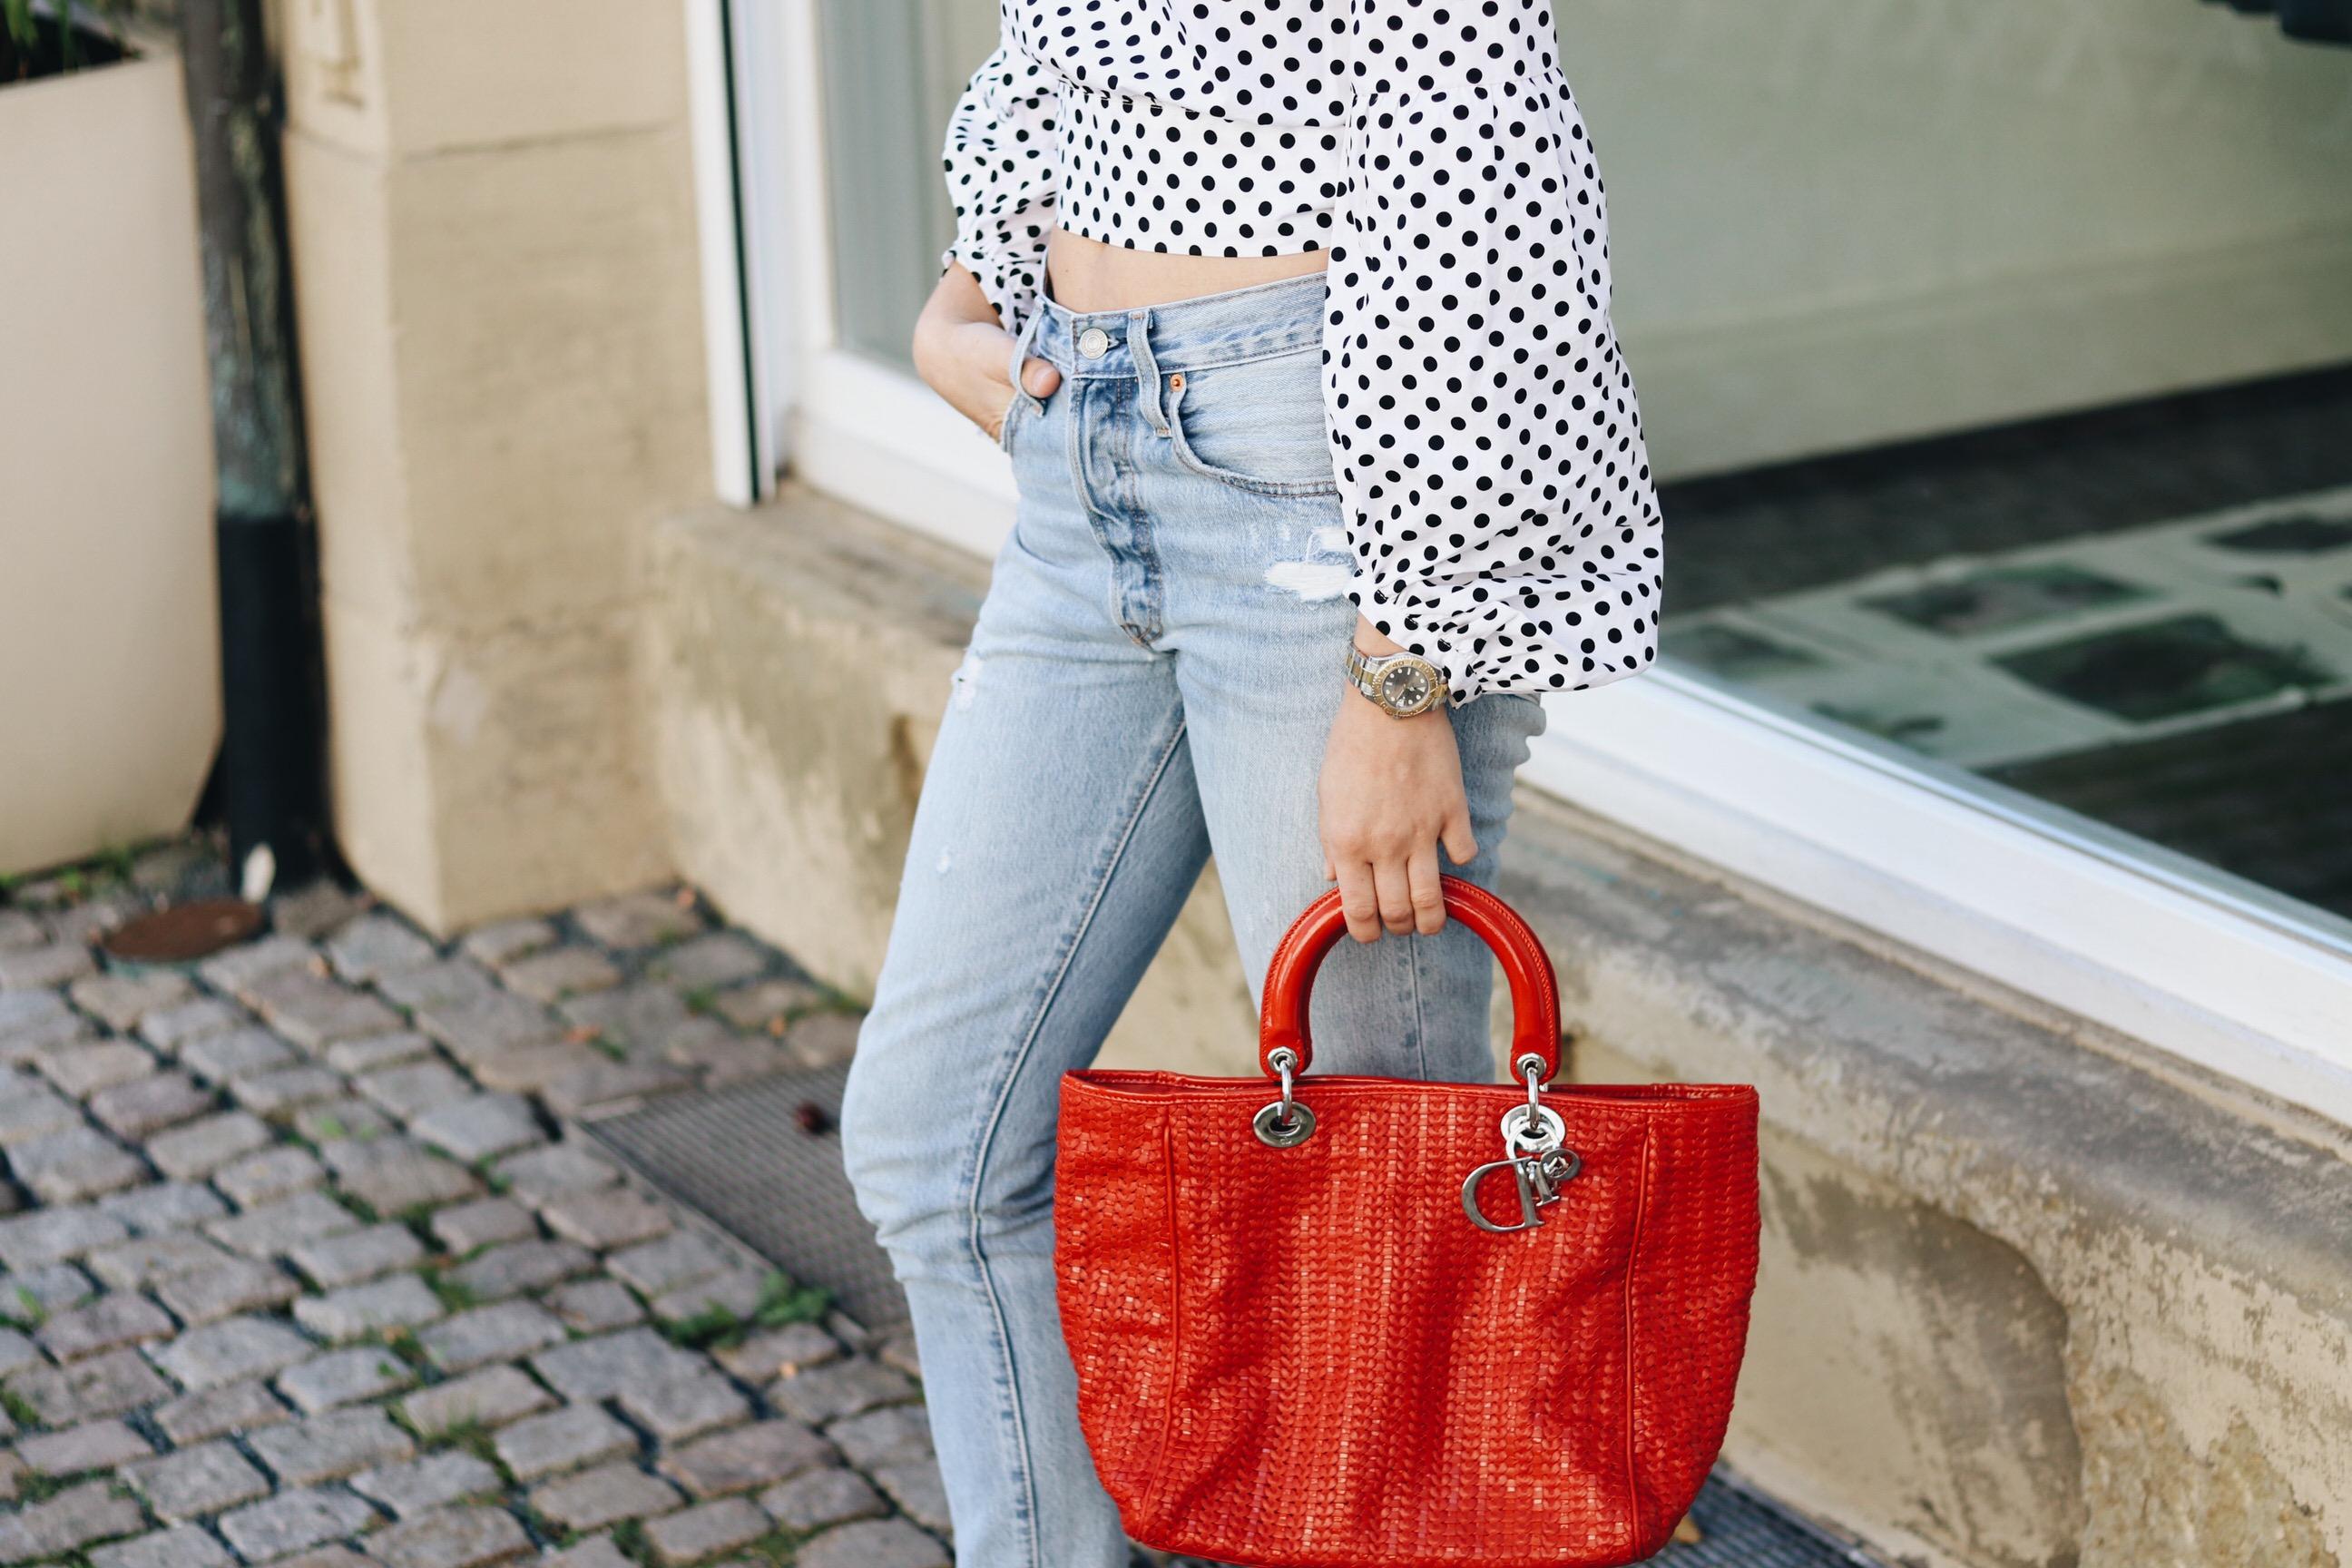 dior-handtasche-rot-kombinieren-blog